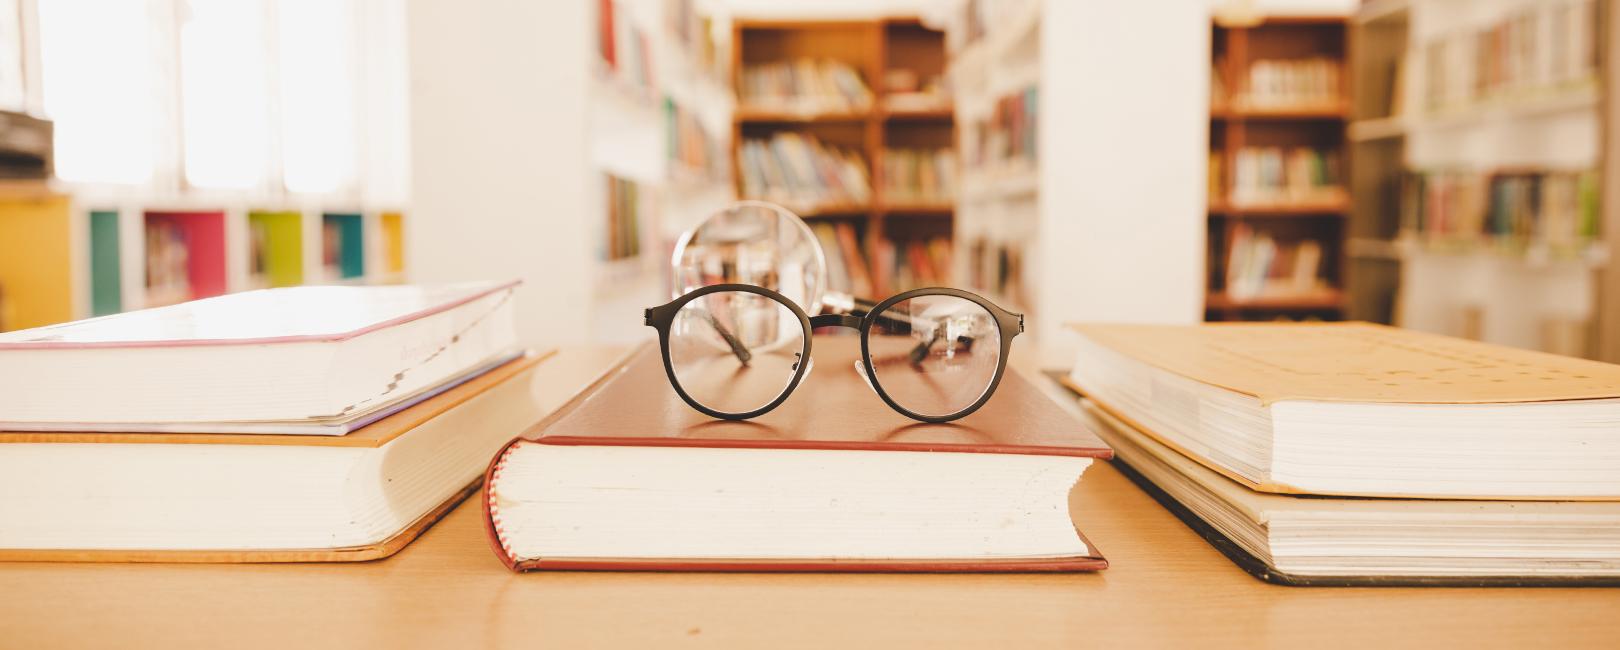 Gestionar el conocimiento es una fuente competitiva en si misma